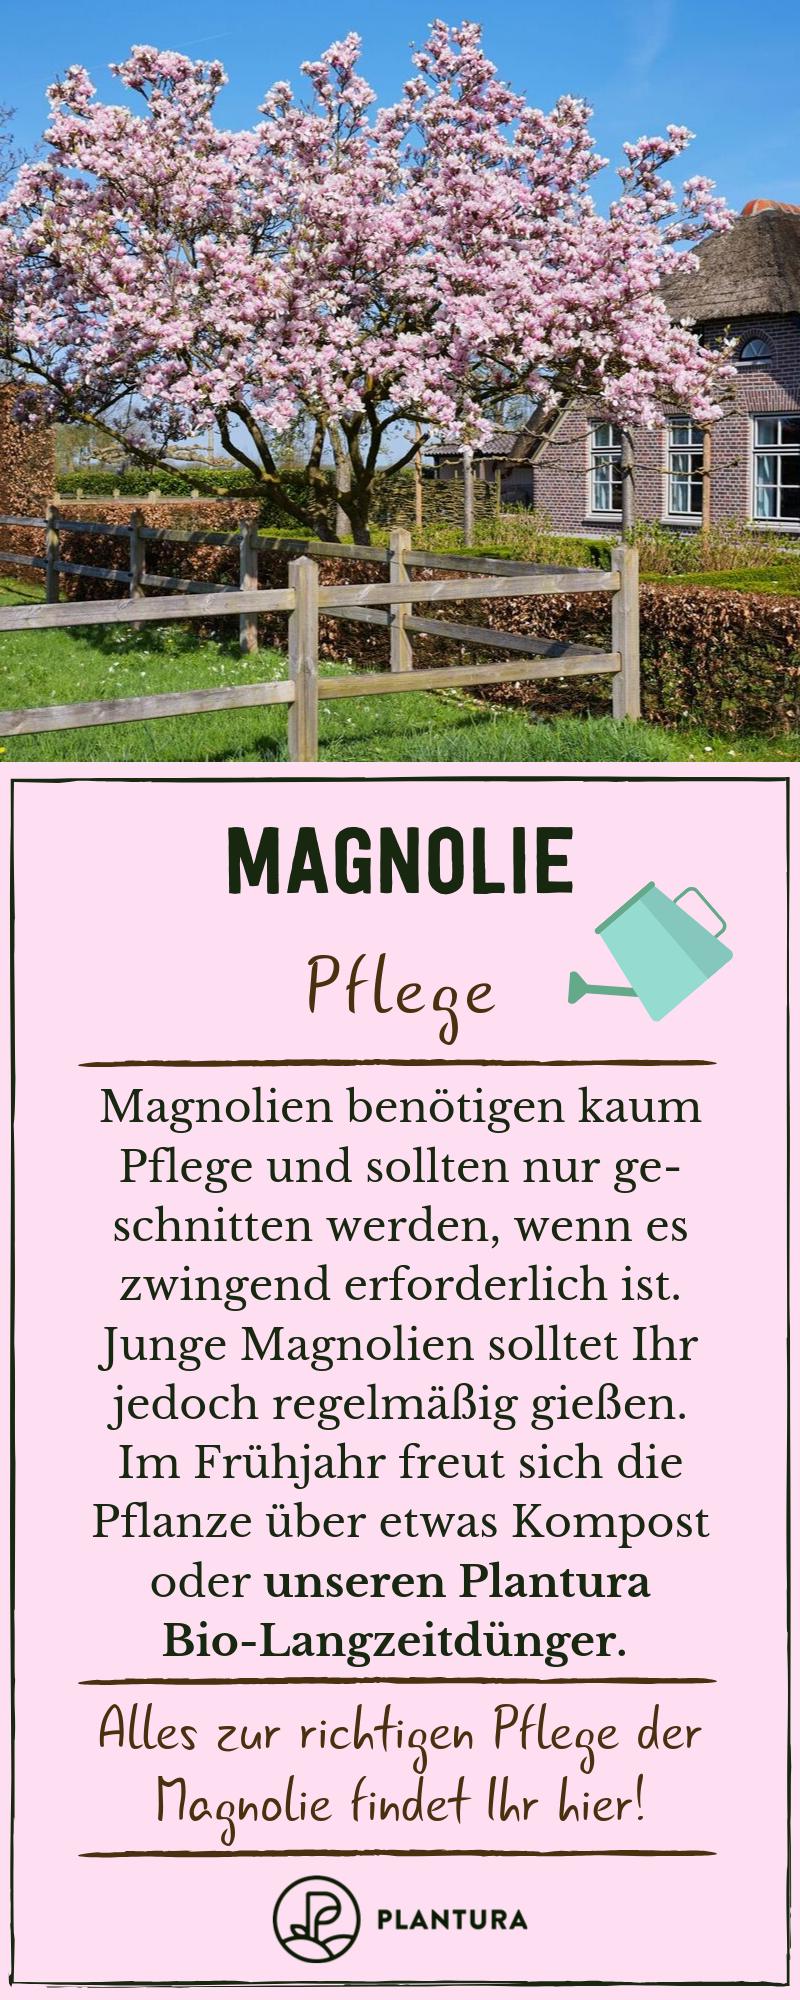 Magnolie: Alles zum Pflanzen, Schneiden & Vermehren des Magnolienbaums - Plantura